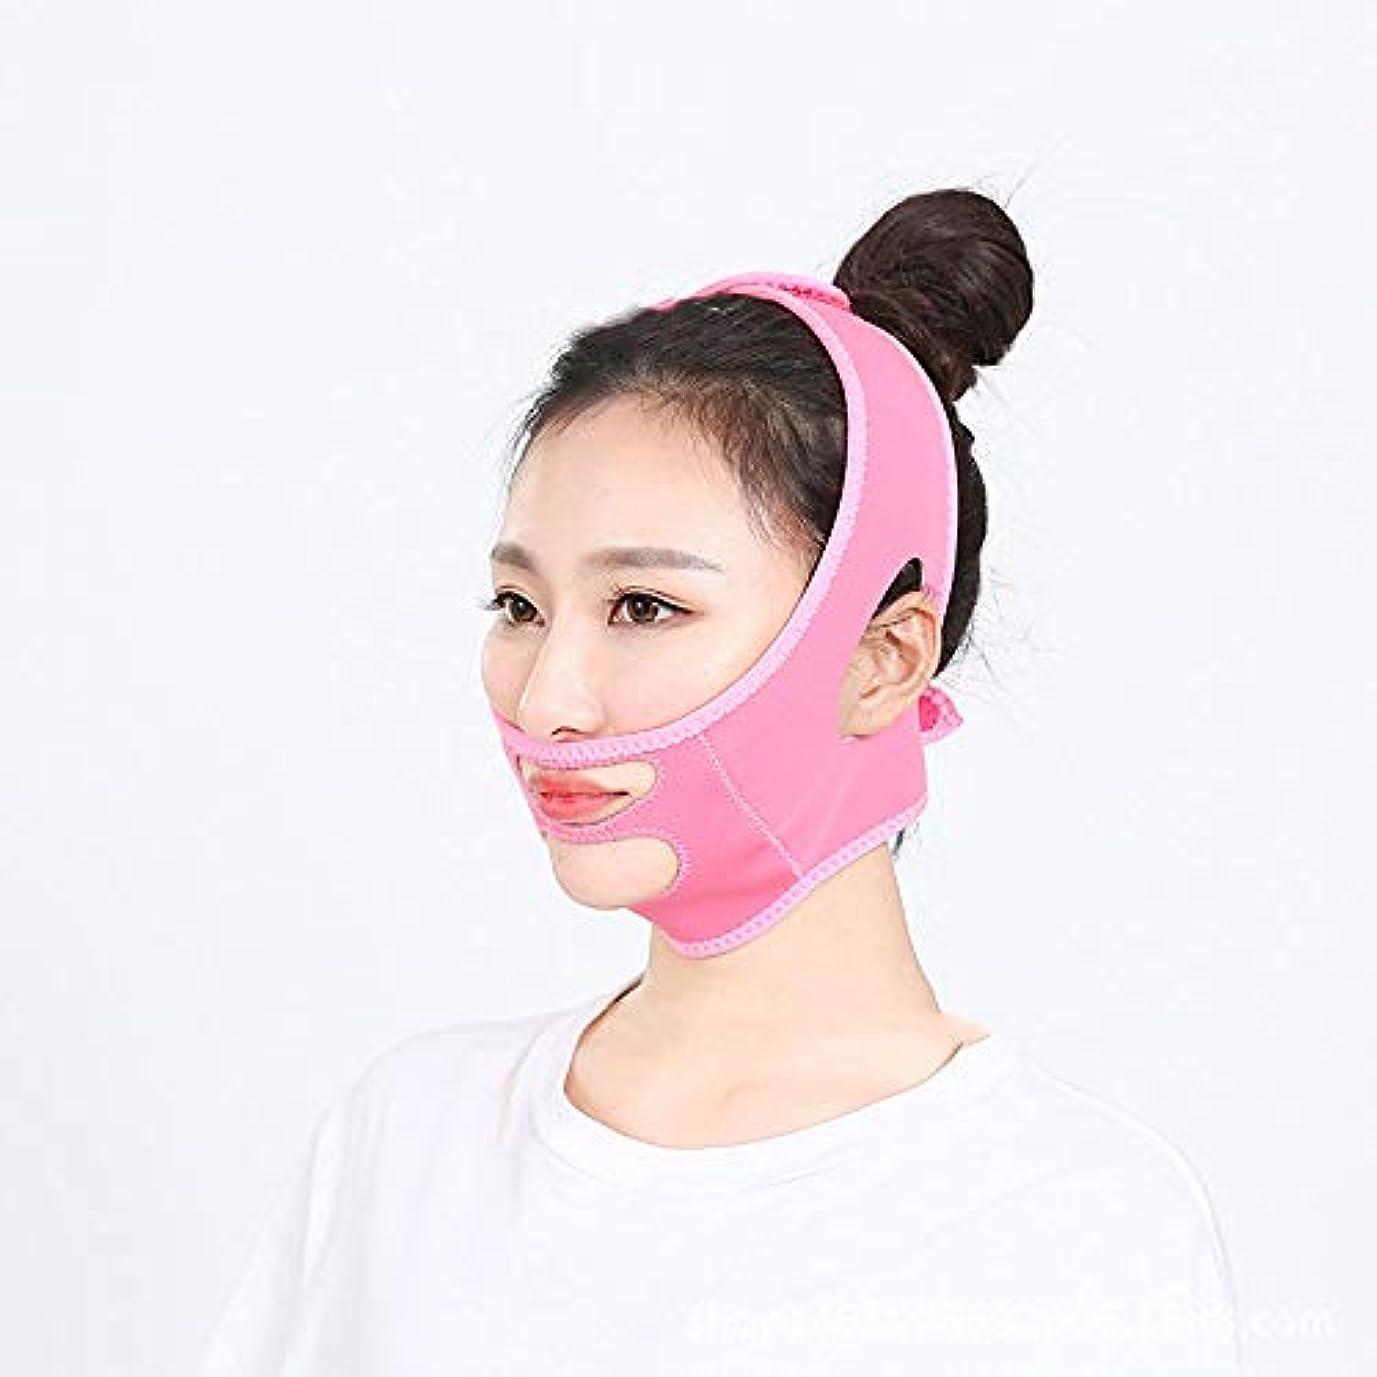 アッパー歩道コンソールフェイスリフトマスク包帯、フェイスリフティングアーティファクト/vフェイススリープマスク/フェイスリフト補正メロンフェイスシェイパー(ブルー/パープル/ピンク),Pink